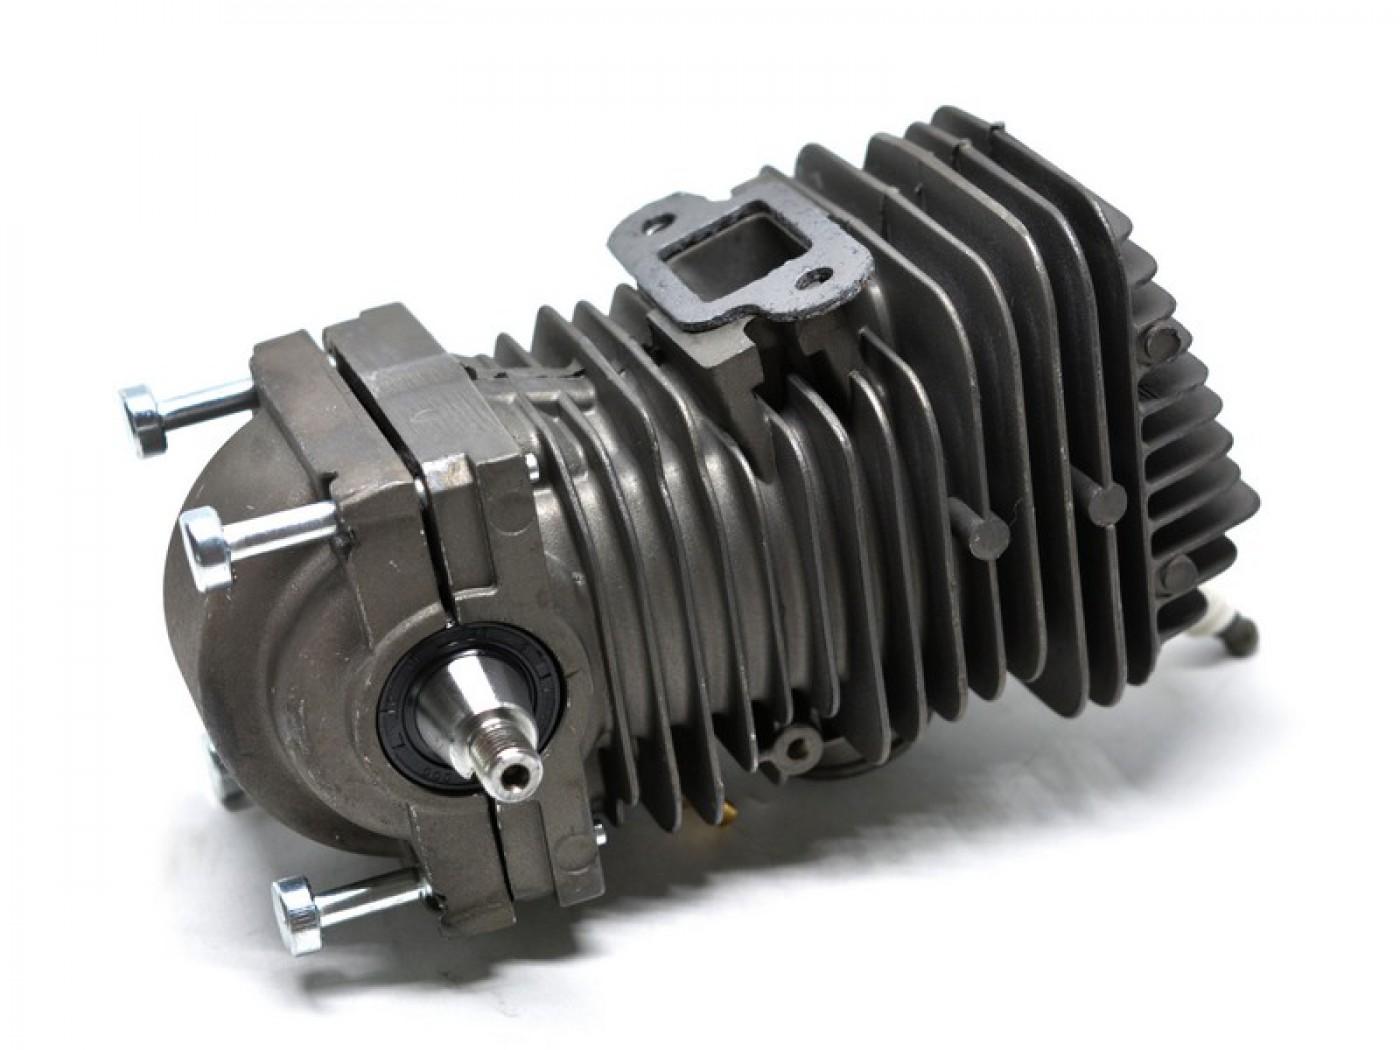 Motor Stihl MS250 025 - UŠETŘÍTE 680 Kč